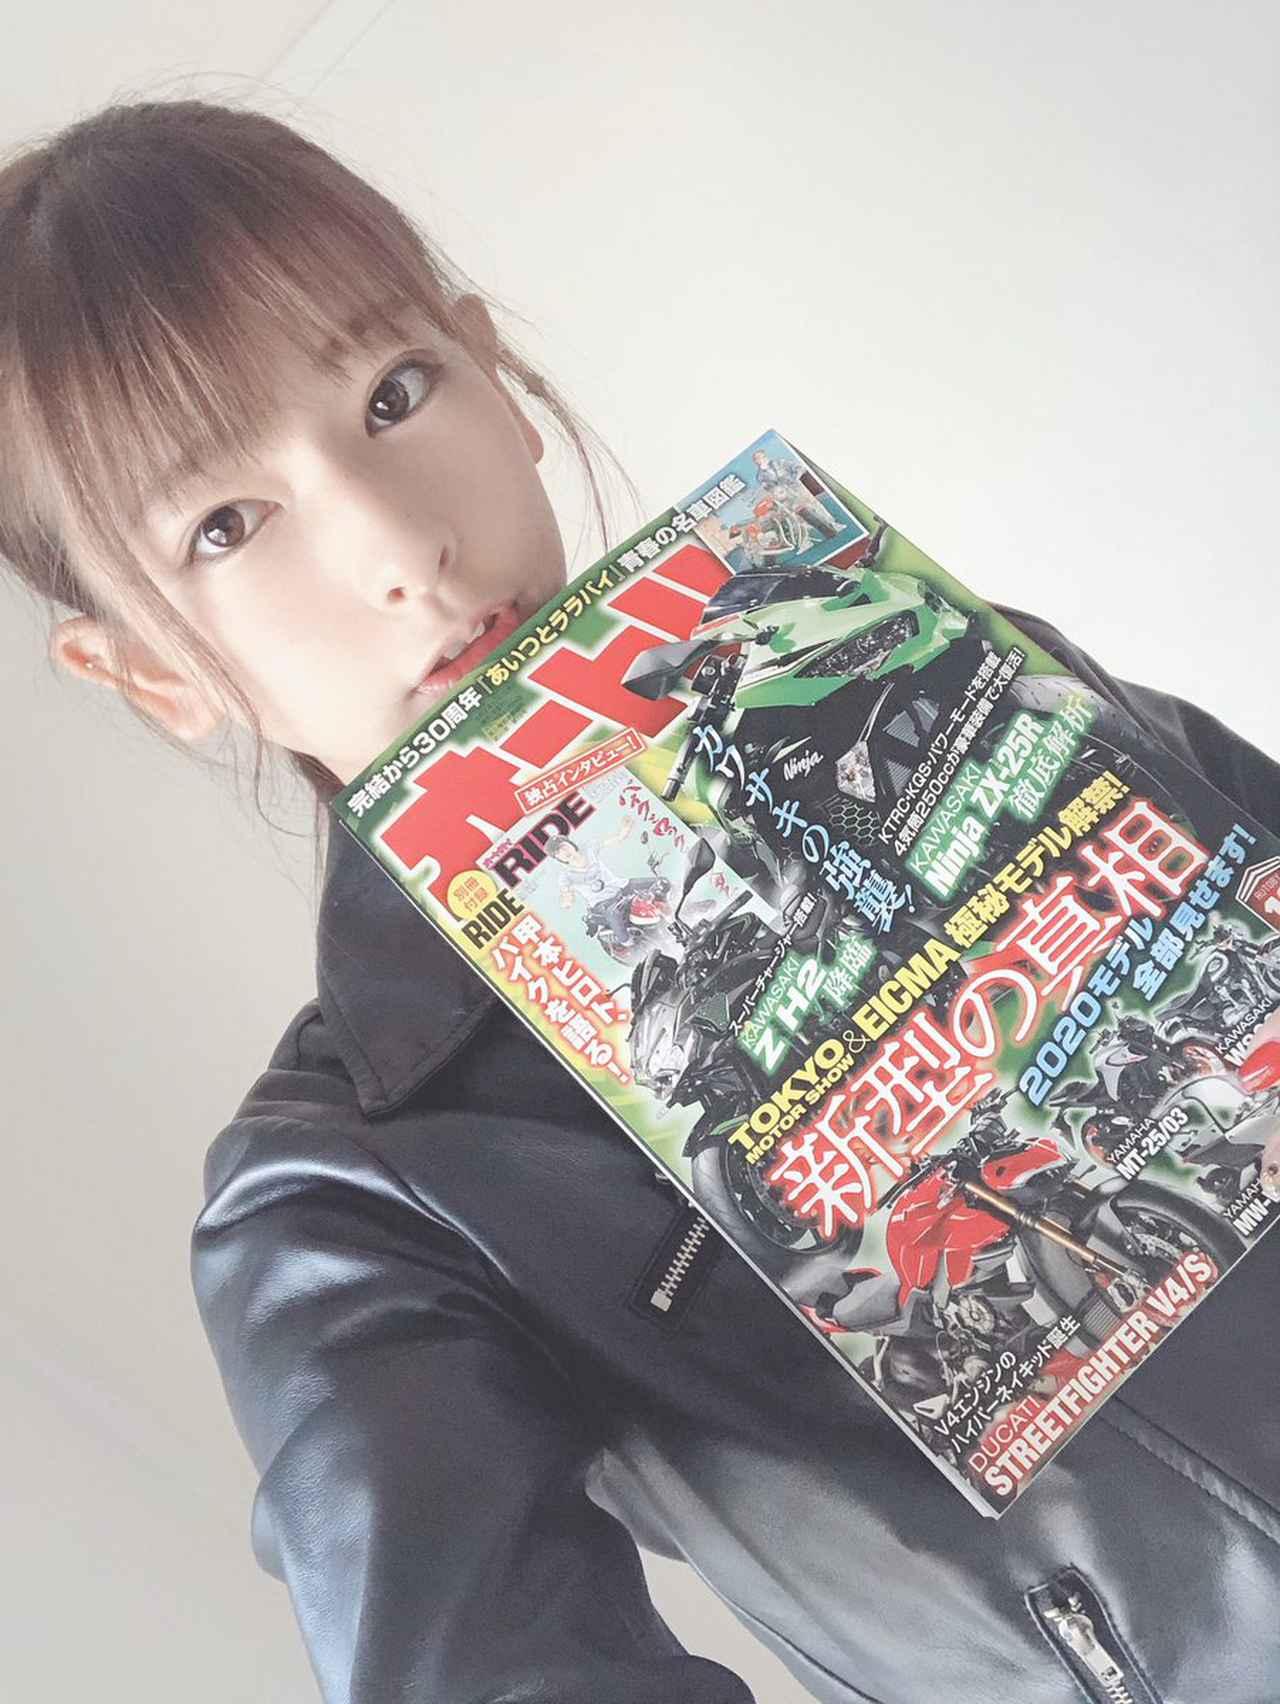 画像: 葉月 美優 ・*:.。❁(@miumiu0055)さん   Twitter